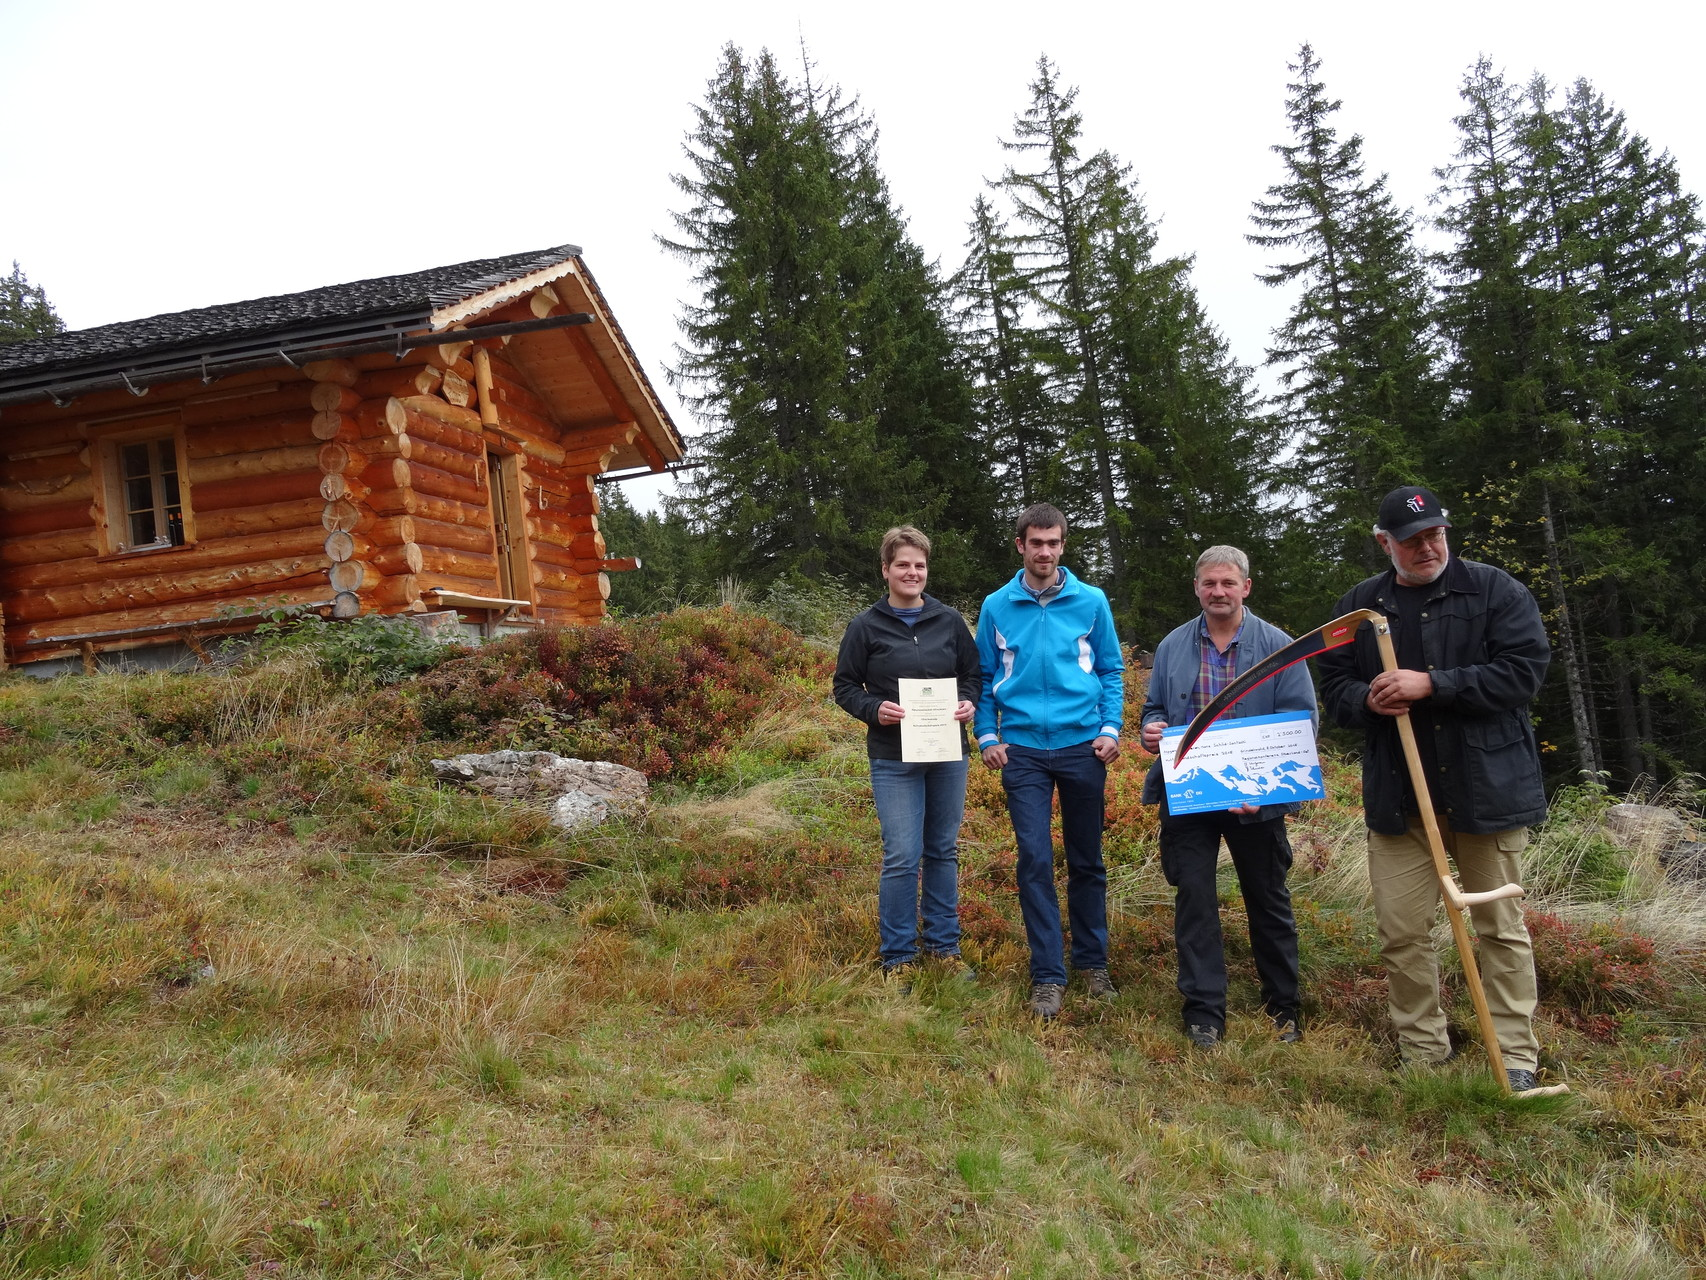 Für die Alpgenossenschaft Oltscheren nahmen Marianne Graf, Sekretär und Älpler Peter Stähli, Kassierer Ueli Abplanalp und Präsident Hans Schild-Santschi (vlnr) den Preis entgegen.